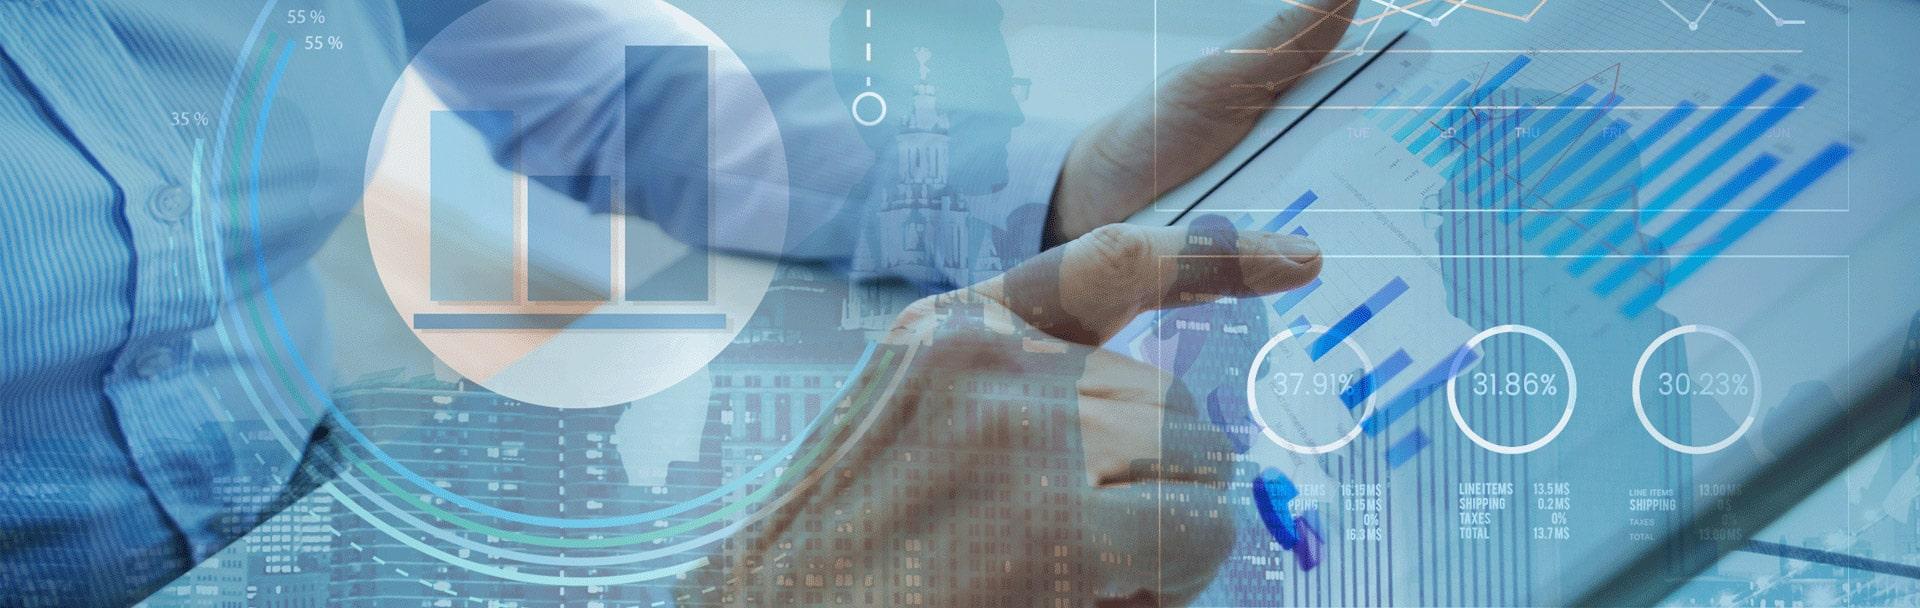 Data en Analytics 2020 - Hot ITem